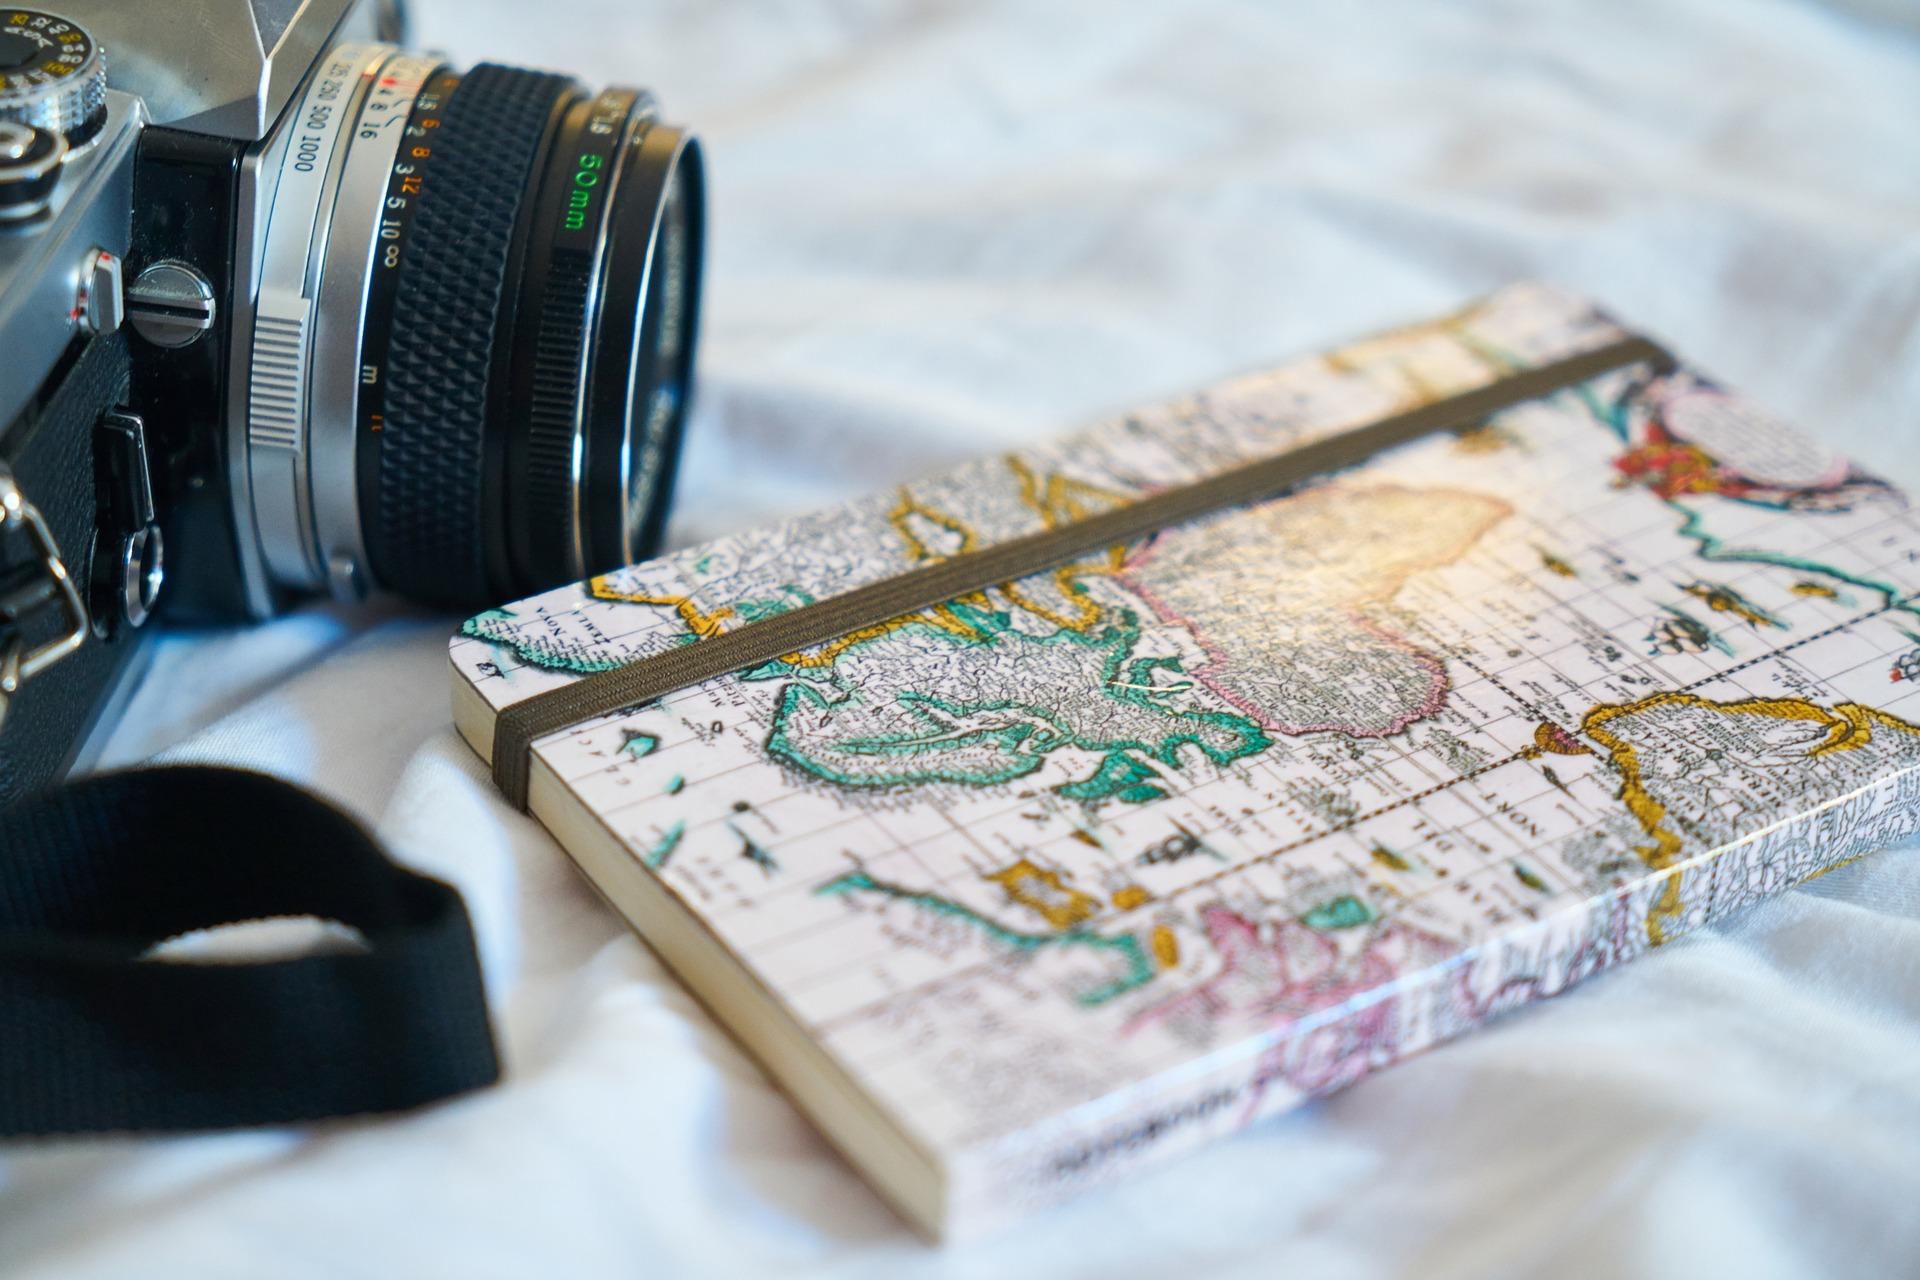 Go voyages vous fait payer vos voyages encore moins chers, découvrez comment!